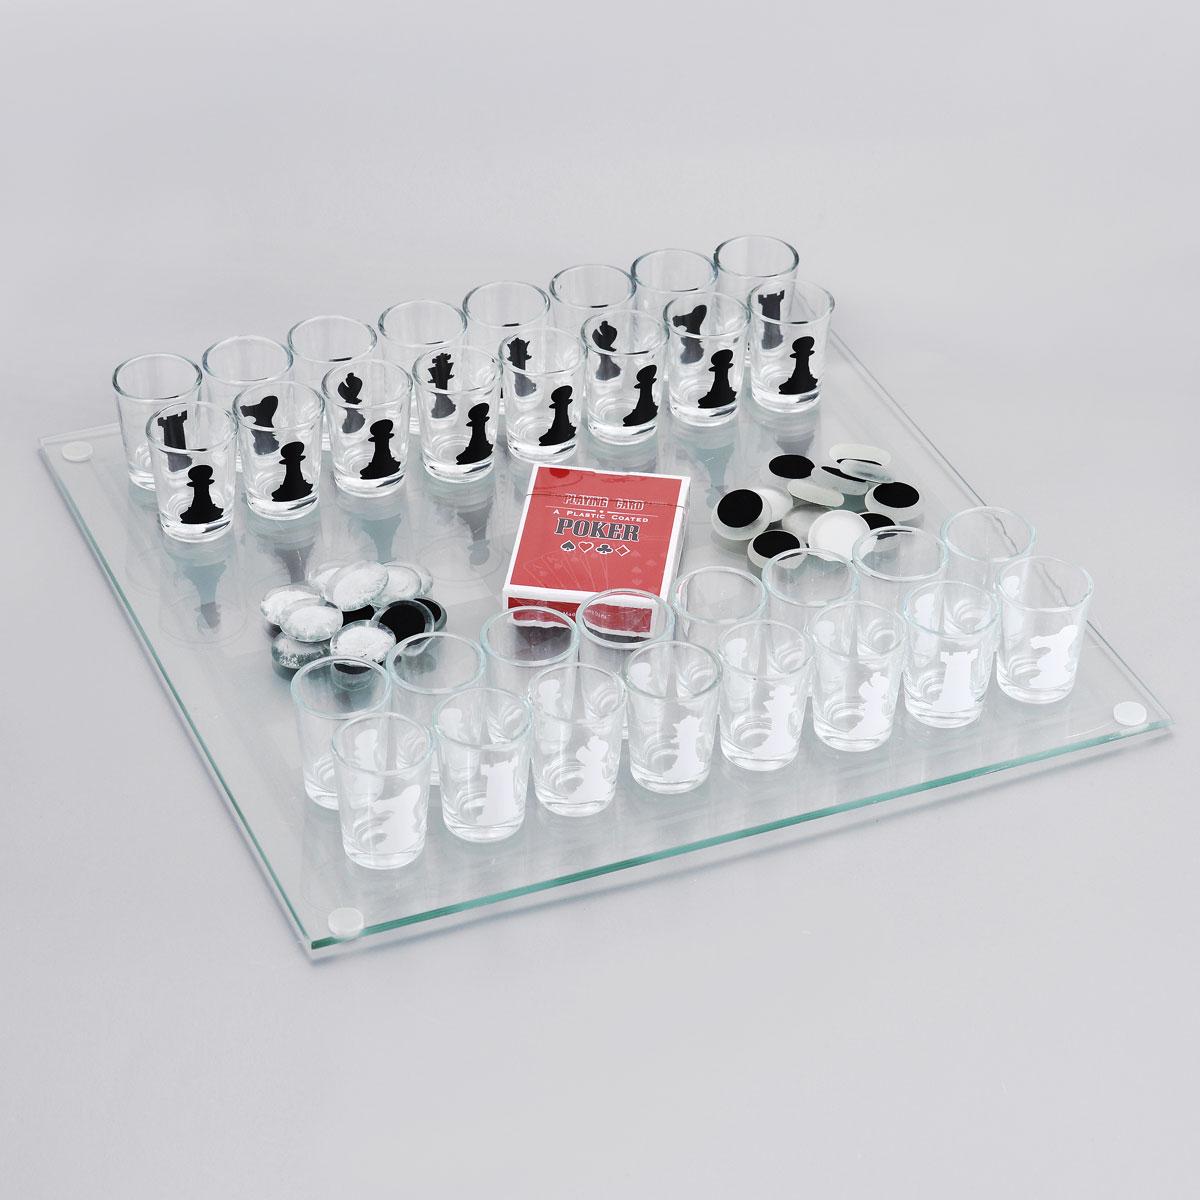 Игровой набор Эврика: карты, шашки, шахматы89784Шахматы - классическая игра не для слабых умов, а пьяные шахматы - еще и для неслабых духом людей. Ведь это уже не классическое, а весьма оригинальное развлечение - фигурами в нем выступают рюмки. Можно наполнить их предпочтительными напитками и устроить двойное соревнование: на интеллект и на выносливость. Соперники наполняют стопки горячительным напитком, и как только не удалось сберечь очередную фигуру, придется выпить содержимое рюмки с её изображением. Дополнительно в универсальный комплект входят стеклянная доска для шахмат, матовые и прозрачные фишки небольшого размера для игры в шашки и карты для покера. Разнообразьте свои праздники, сделав их как минимум раза в три веселее с игровым набором Эврика, а также подарите такую возможность близким. Размер игрового поля: 35 см х 35 см. Диаметр стопки (по верхнему краю): 3,5 см. Высота стопки: 4,7 см.